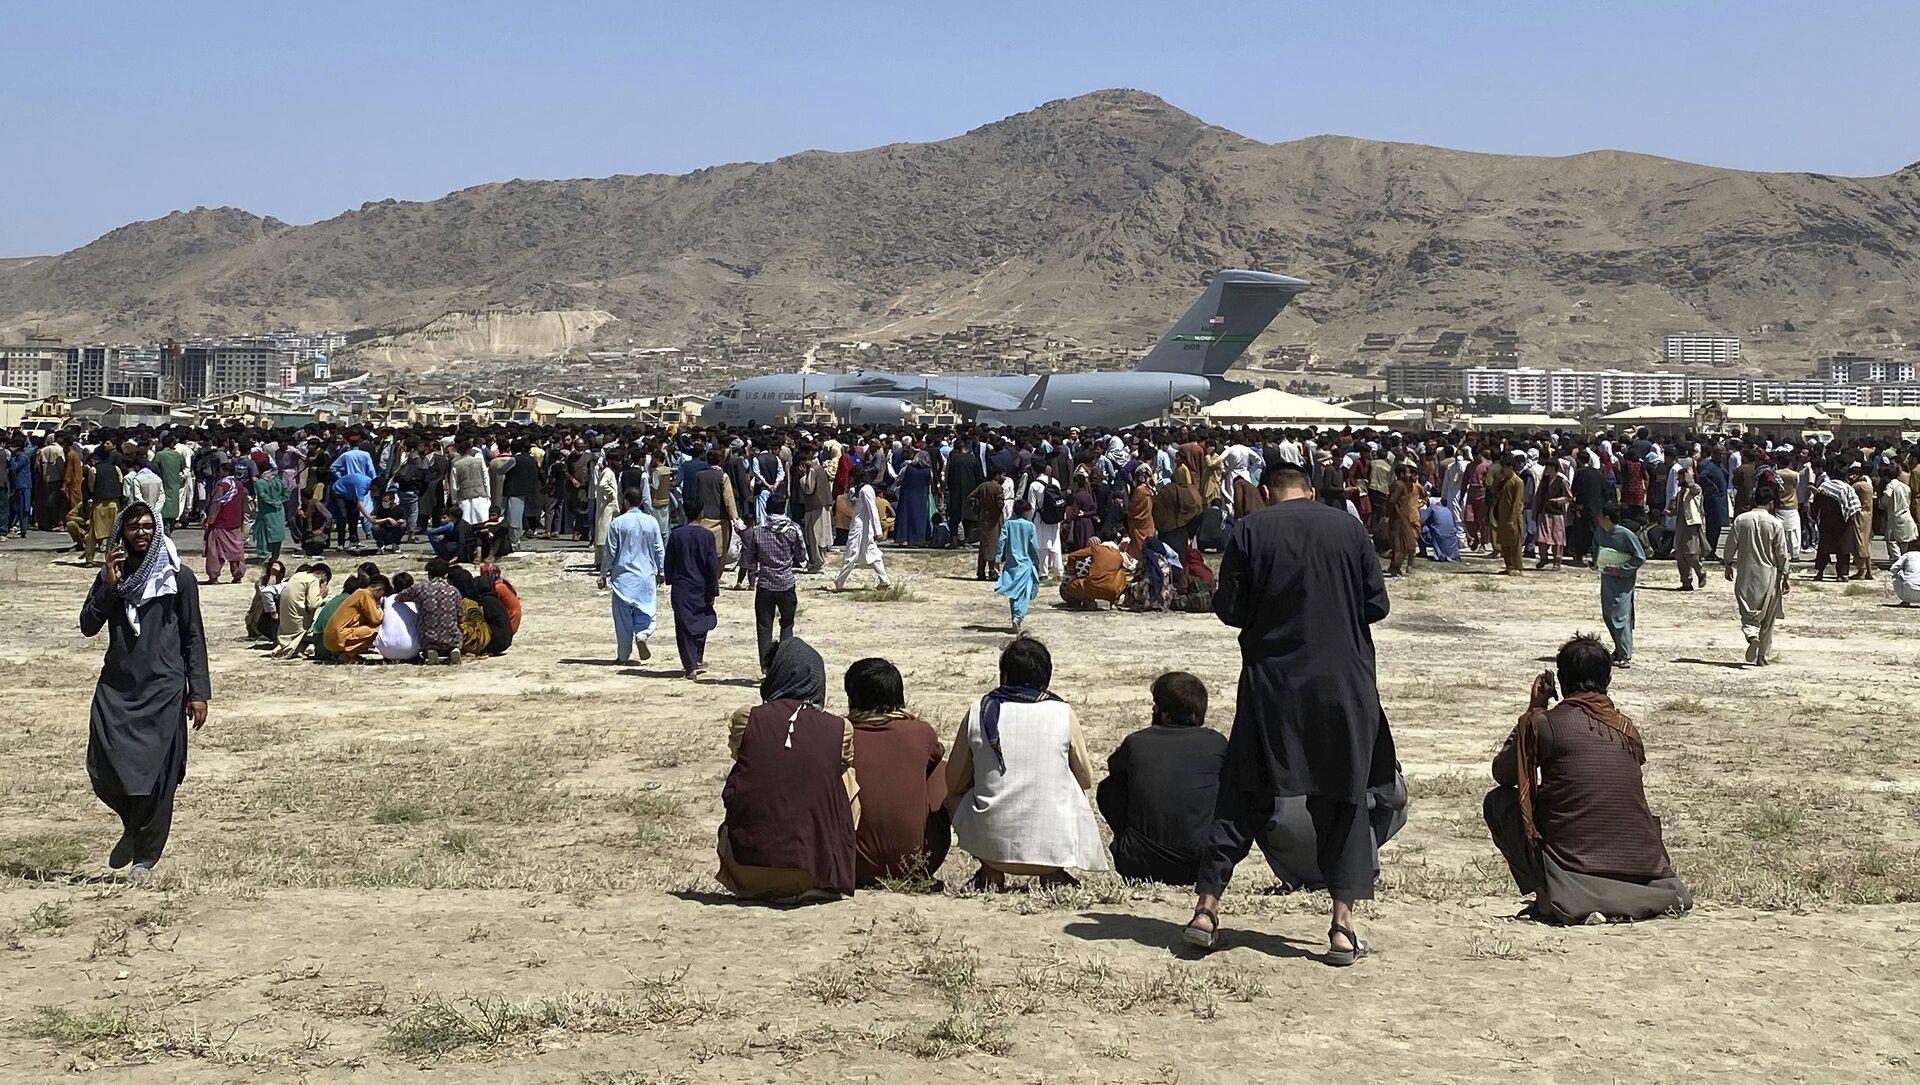 Сотни людей собрались возле транспортного самолета C-17 ВВС США по периметру международного аэропорта в Кабуле, Афганистан. - Sputnik Азербайджан, 1920, 24.08.2021